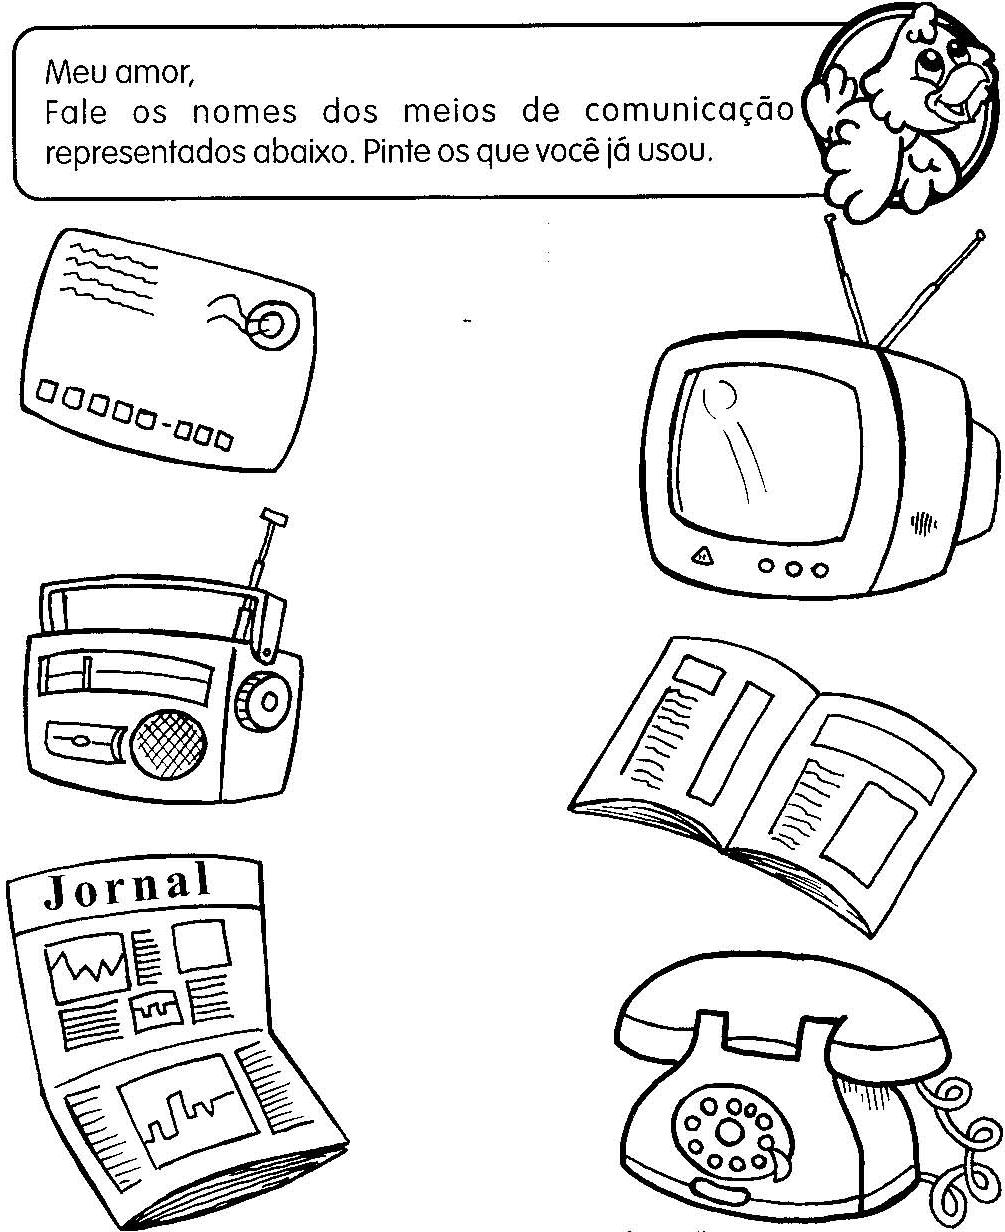 Colorir Desenho Computador Desenhos para Smartkids - imagens para colorir meios de comunicação